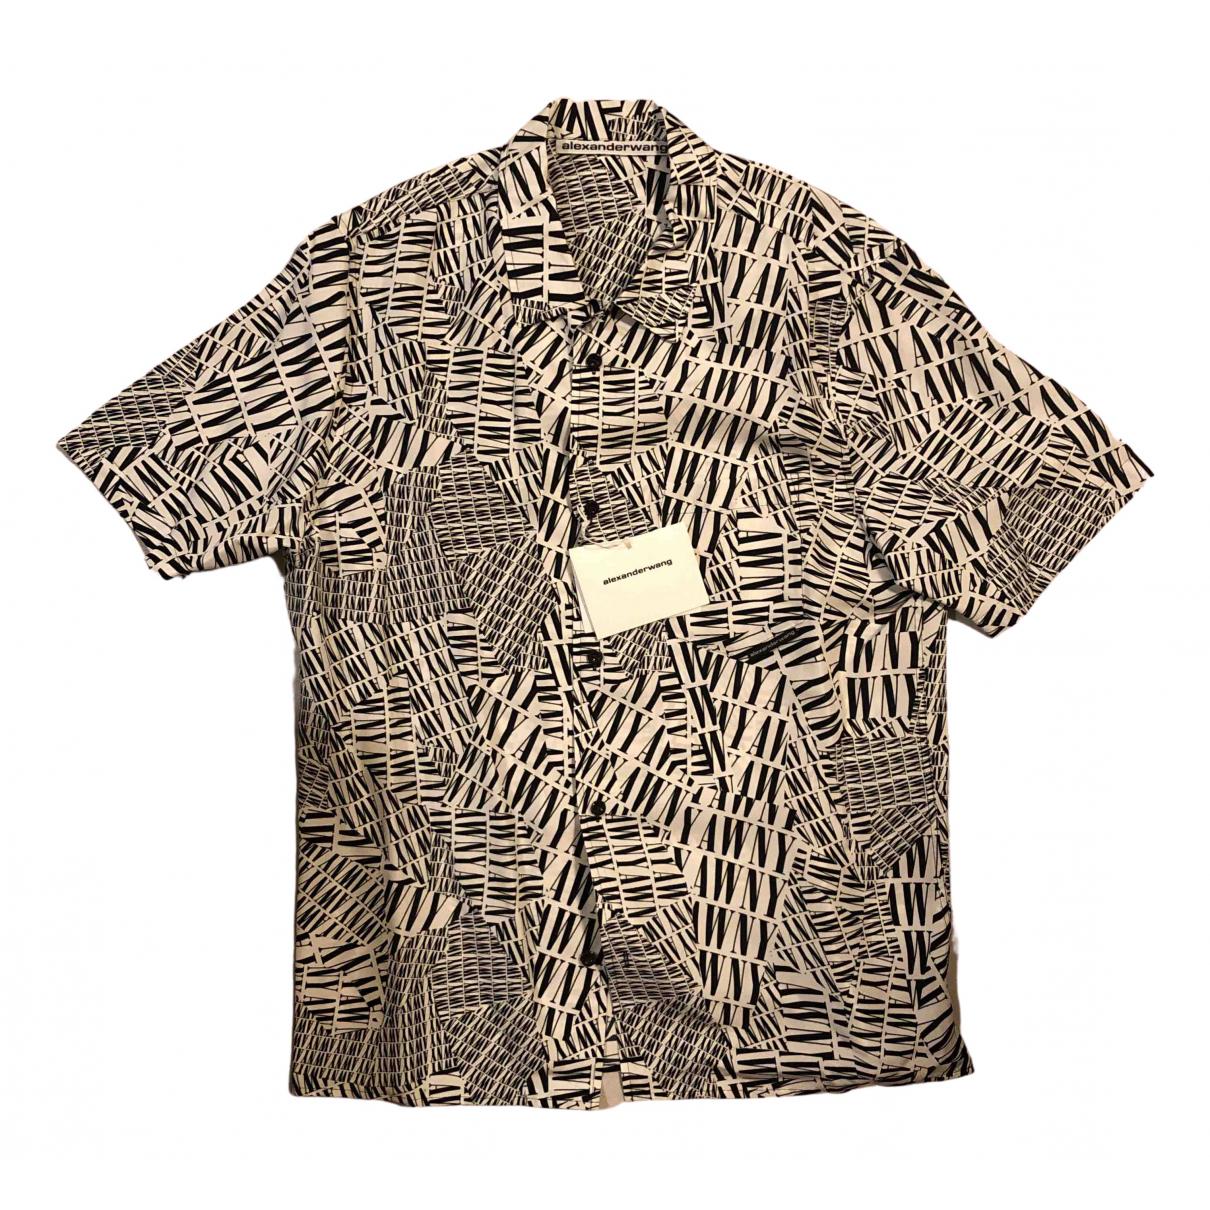 Alexander Wang \N Hemden in  Weiss Seide